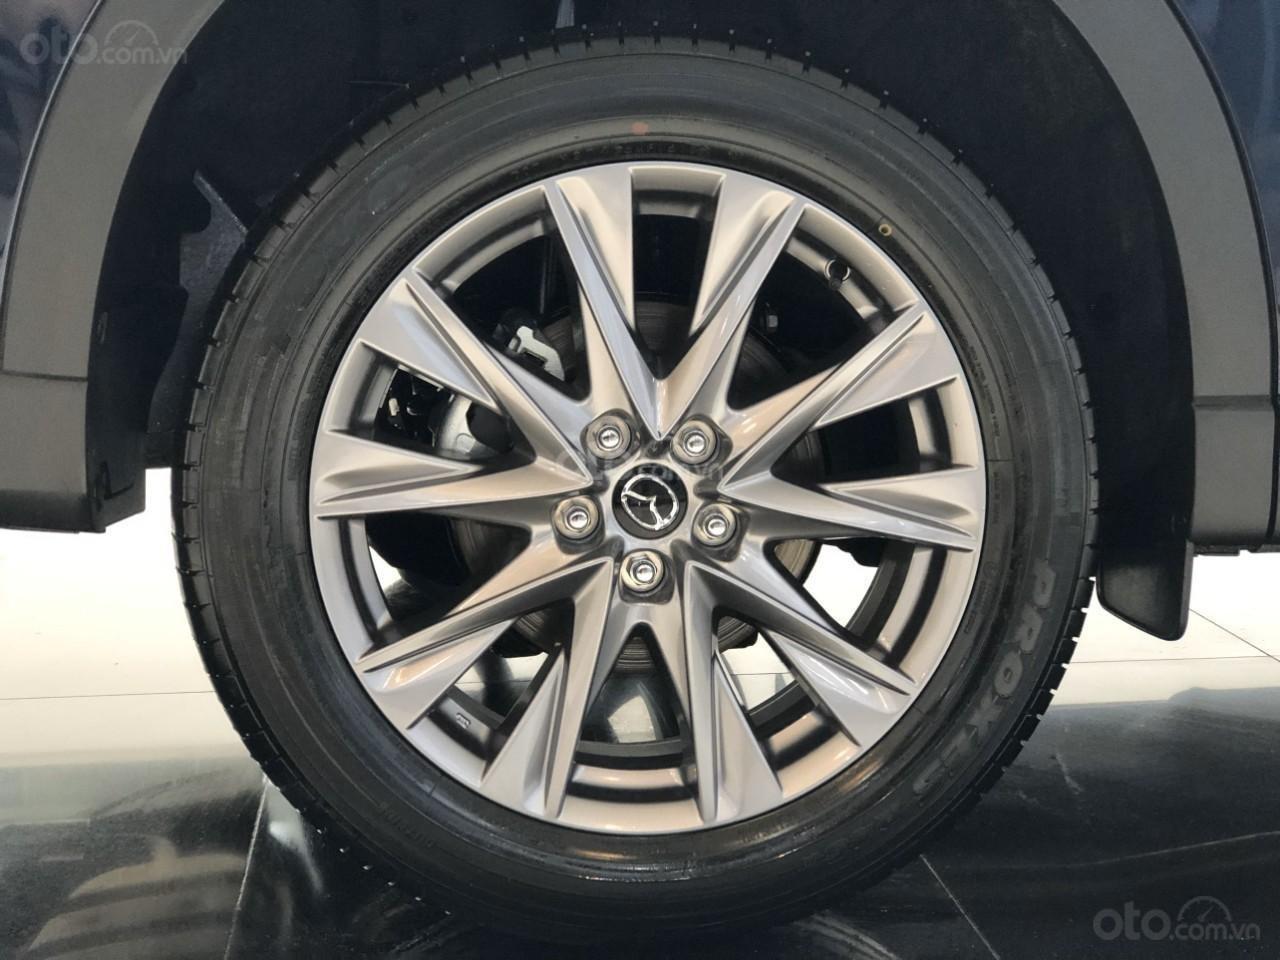 [Cực hot]: Ưu đãi new Mazda CX-5 từ 80tr + quà tặng - giao xe ngay - hỗ trợ trả góp cực ngầu (9)